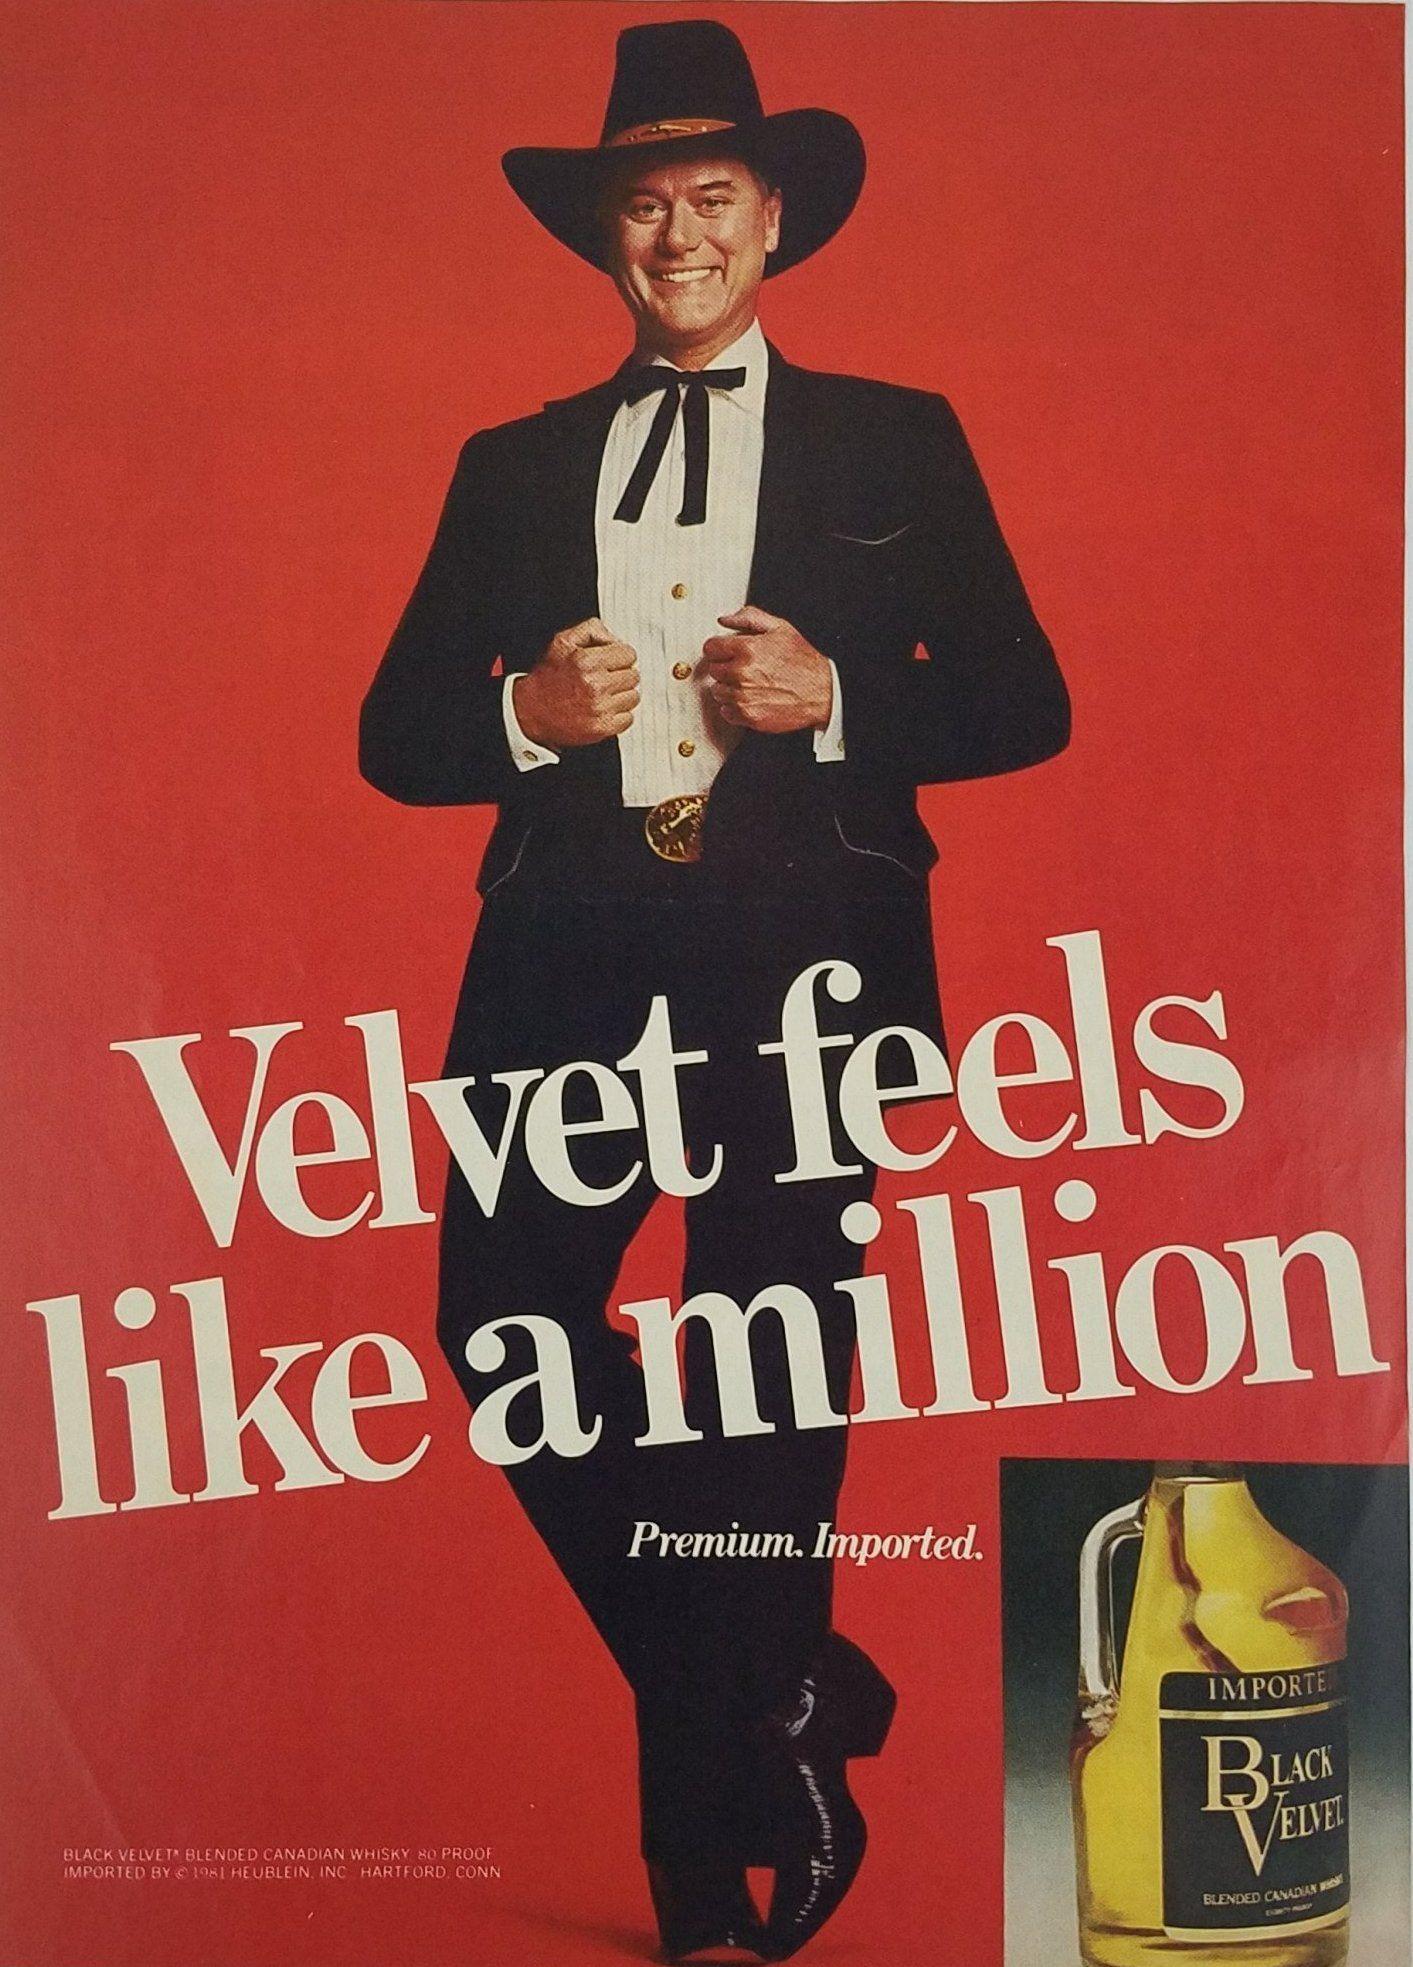 1981 Black Velvet Whiskey Larry Hagman Print Ad Celebrity Advertising Larry Hagman Celebrities